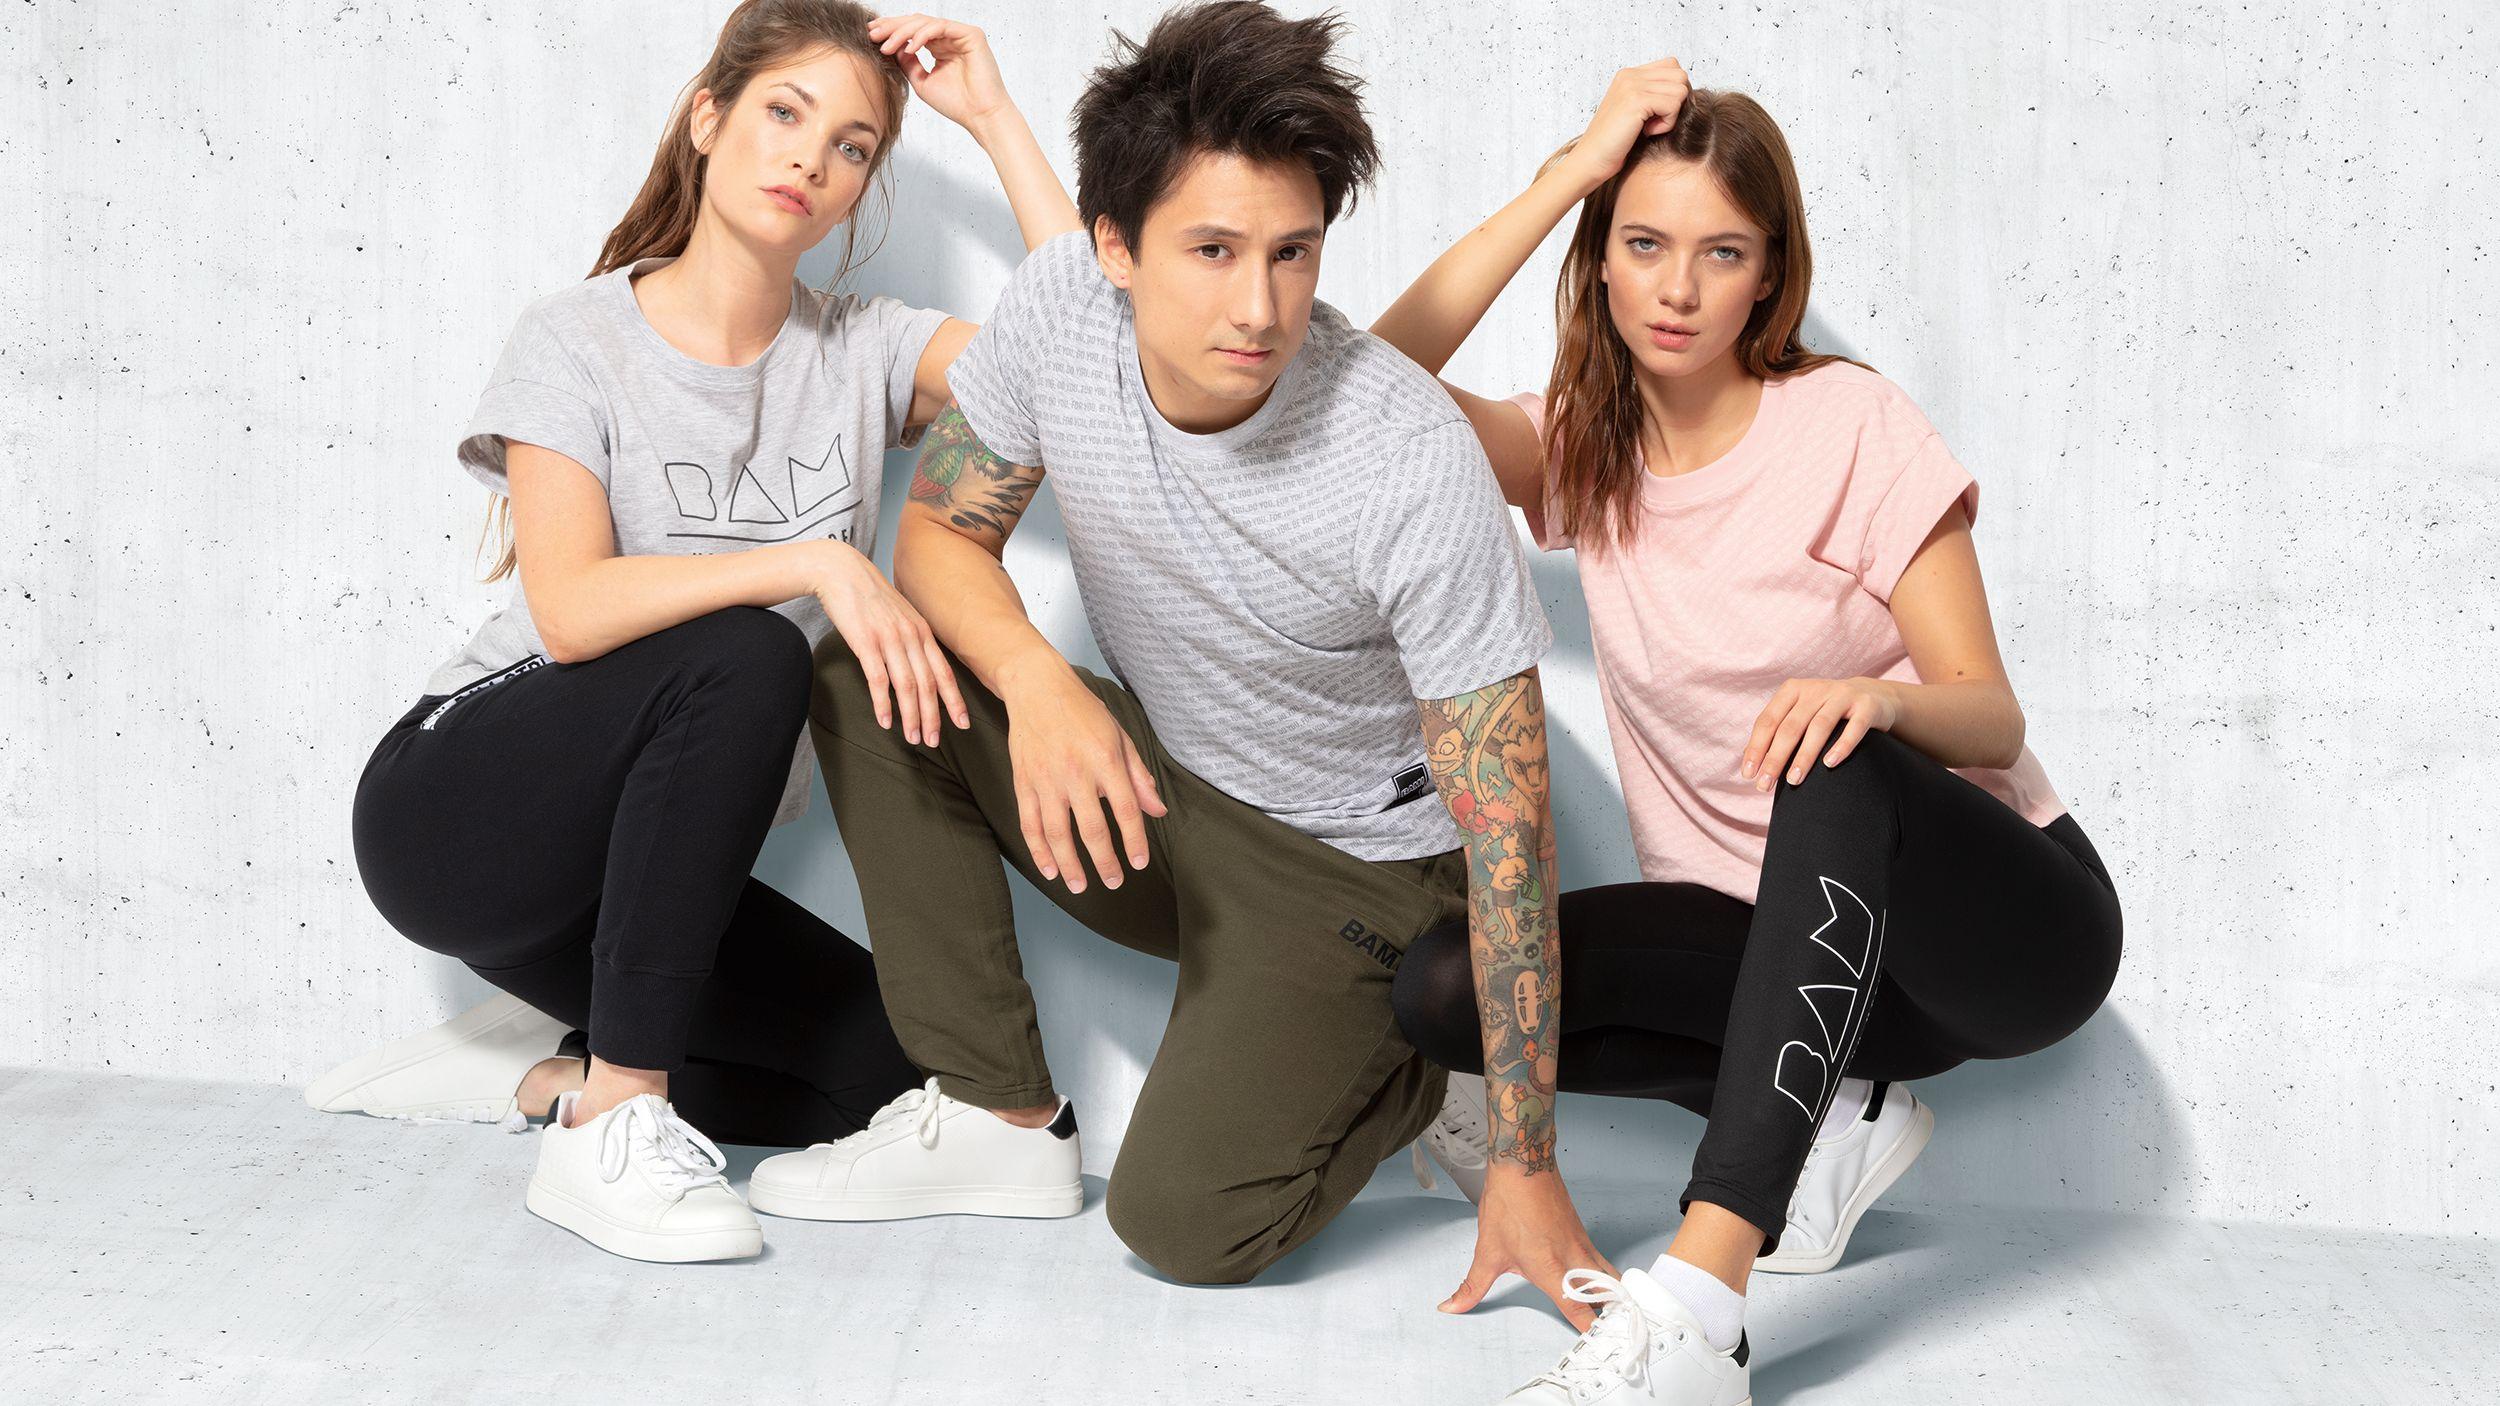 """""""No brand needed"""": Mit dieser Aldi-Modekollektion will Julien Bam junge Leute vom """"Markendruck"""" erlösen"""